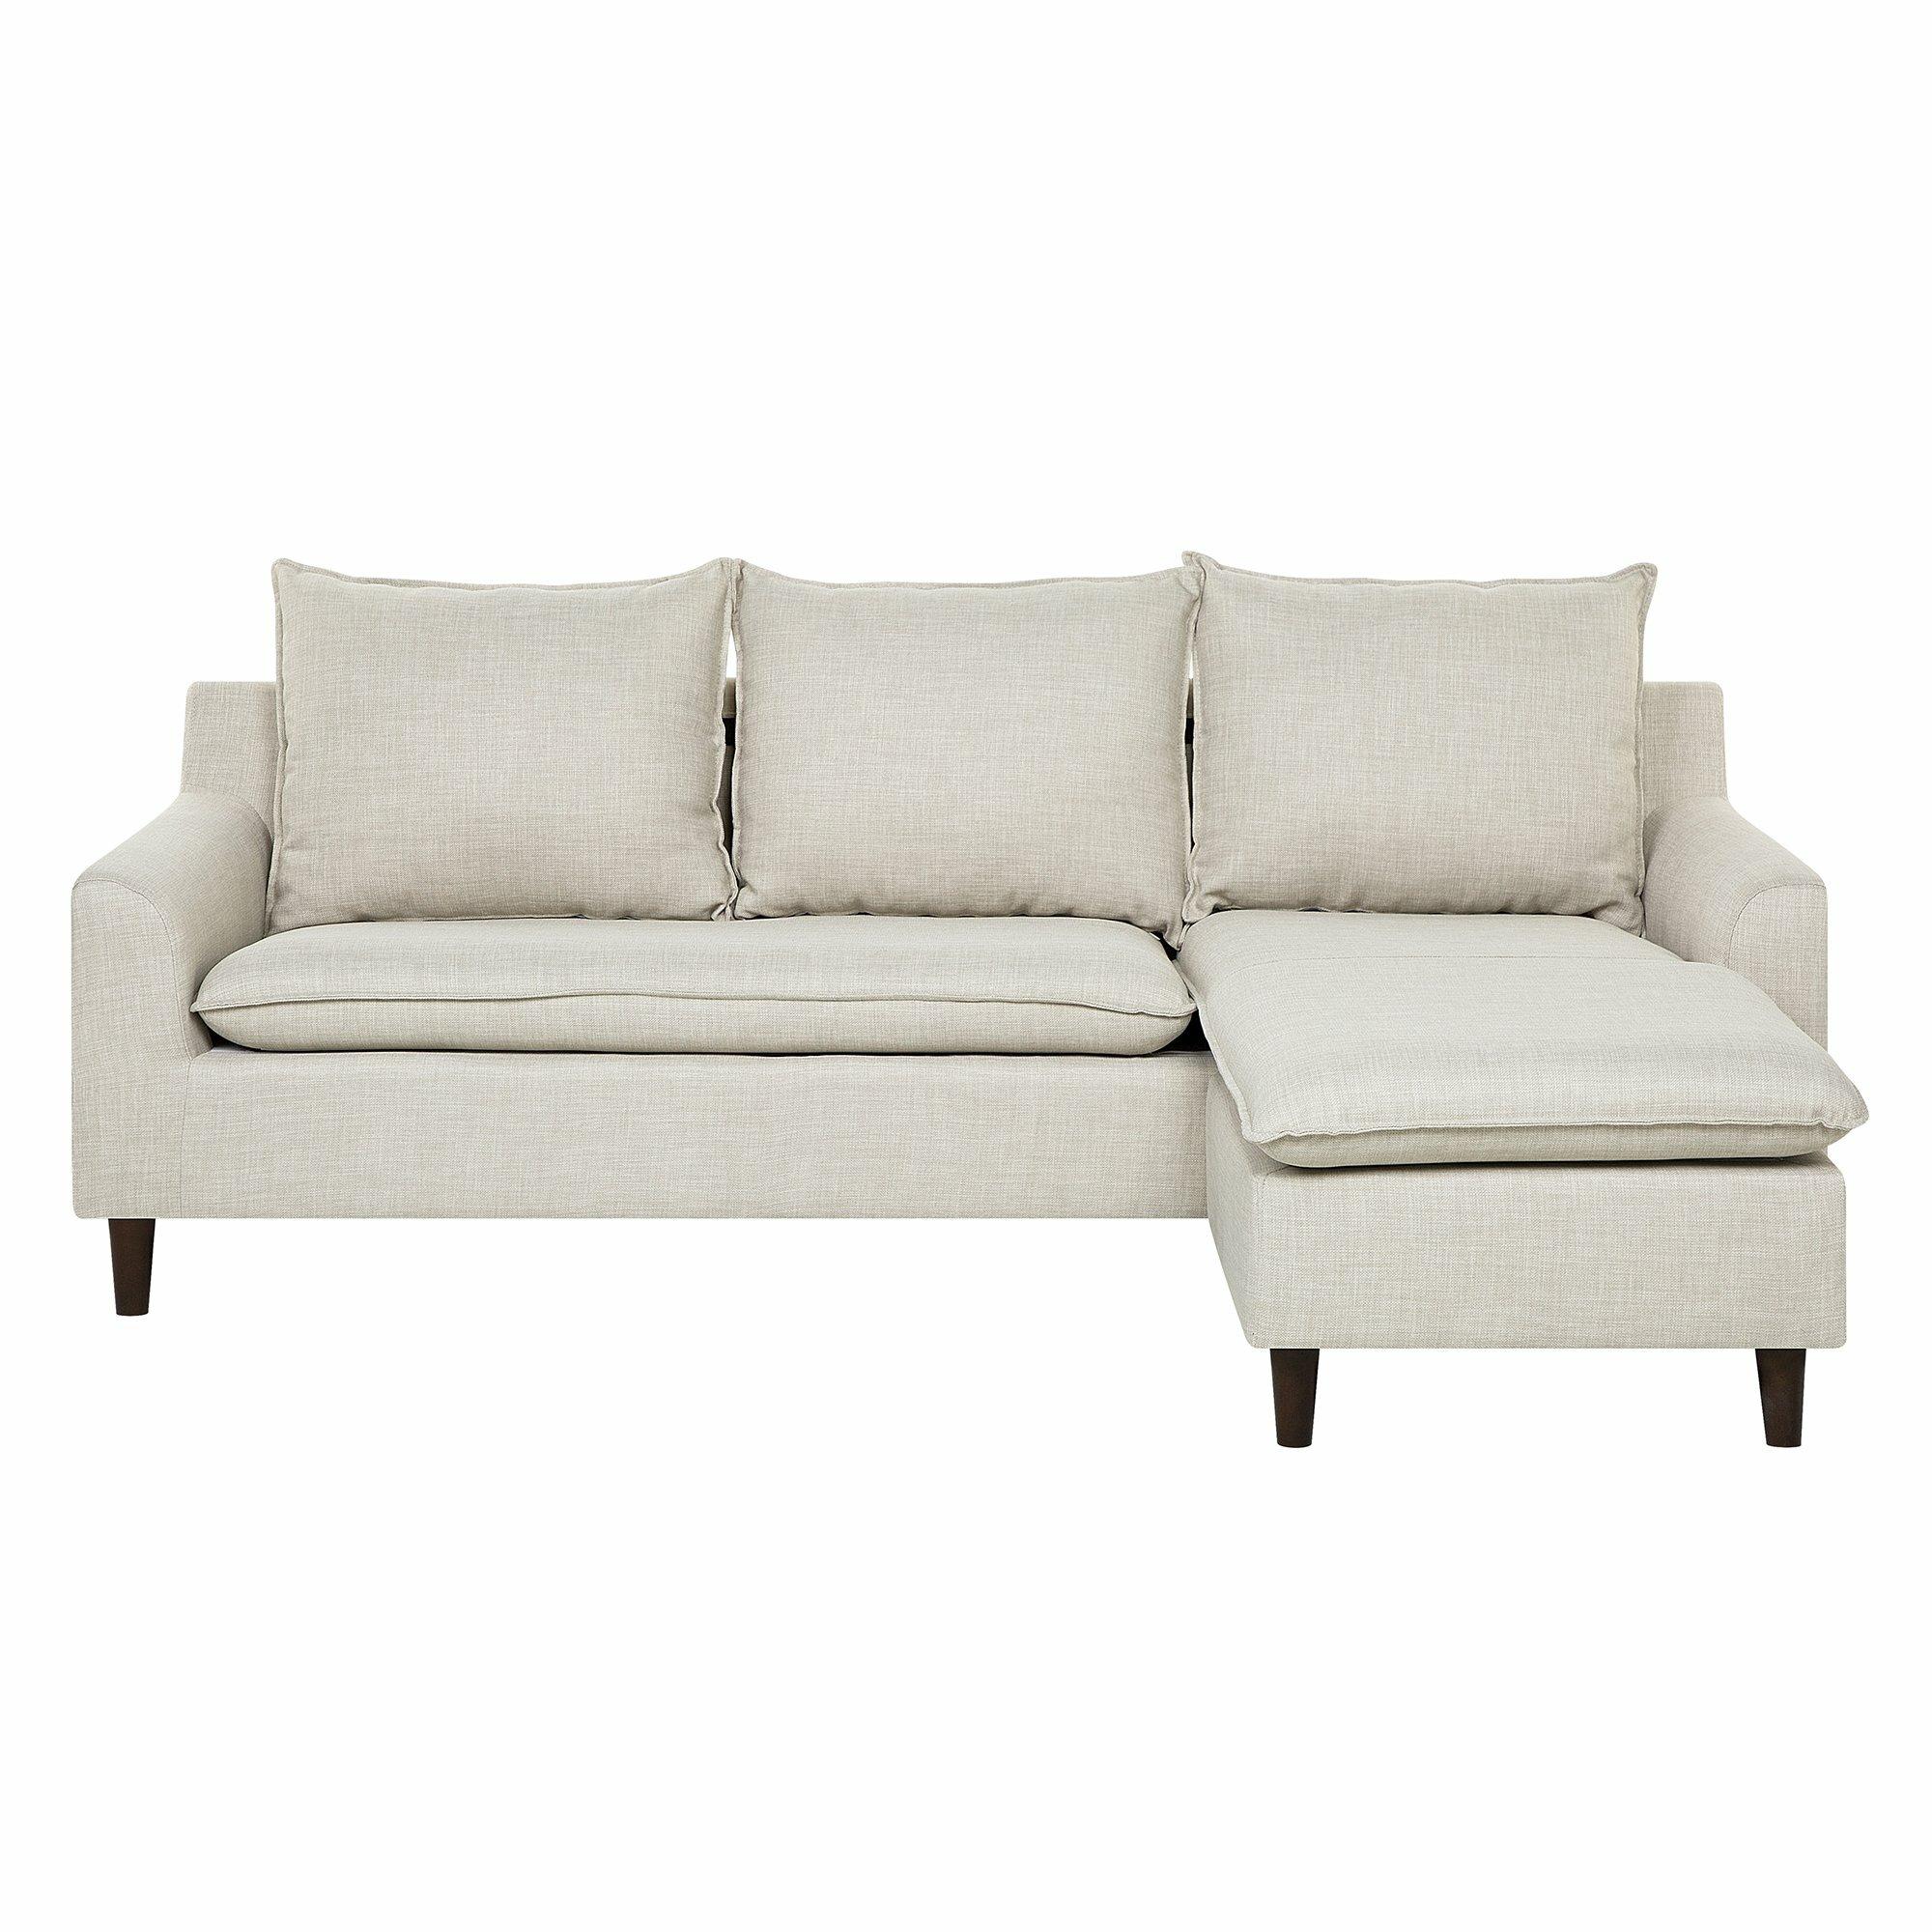 Aderyn Reversible Modular Corner Sofa